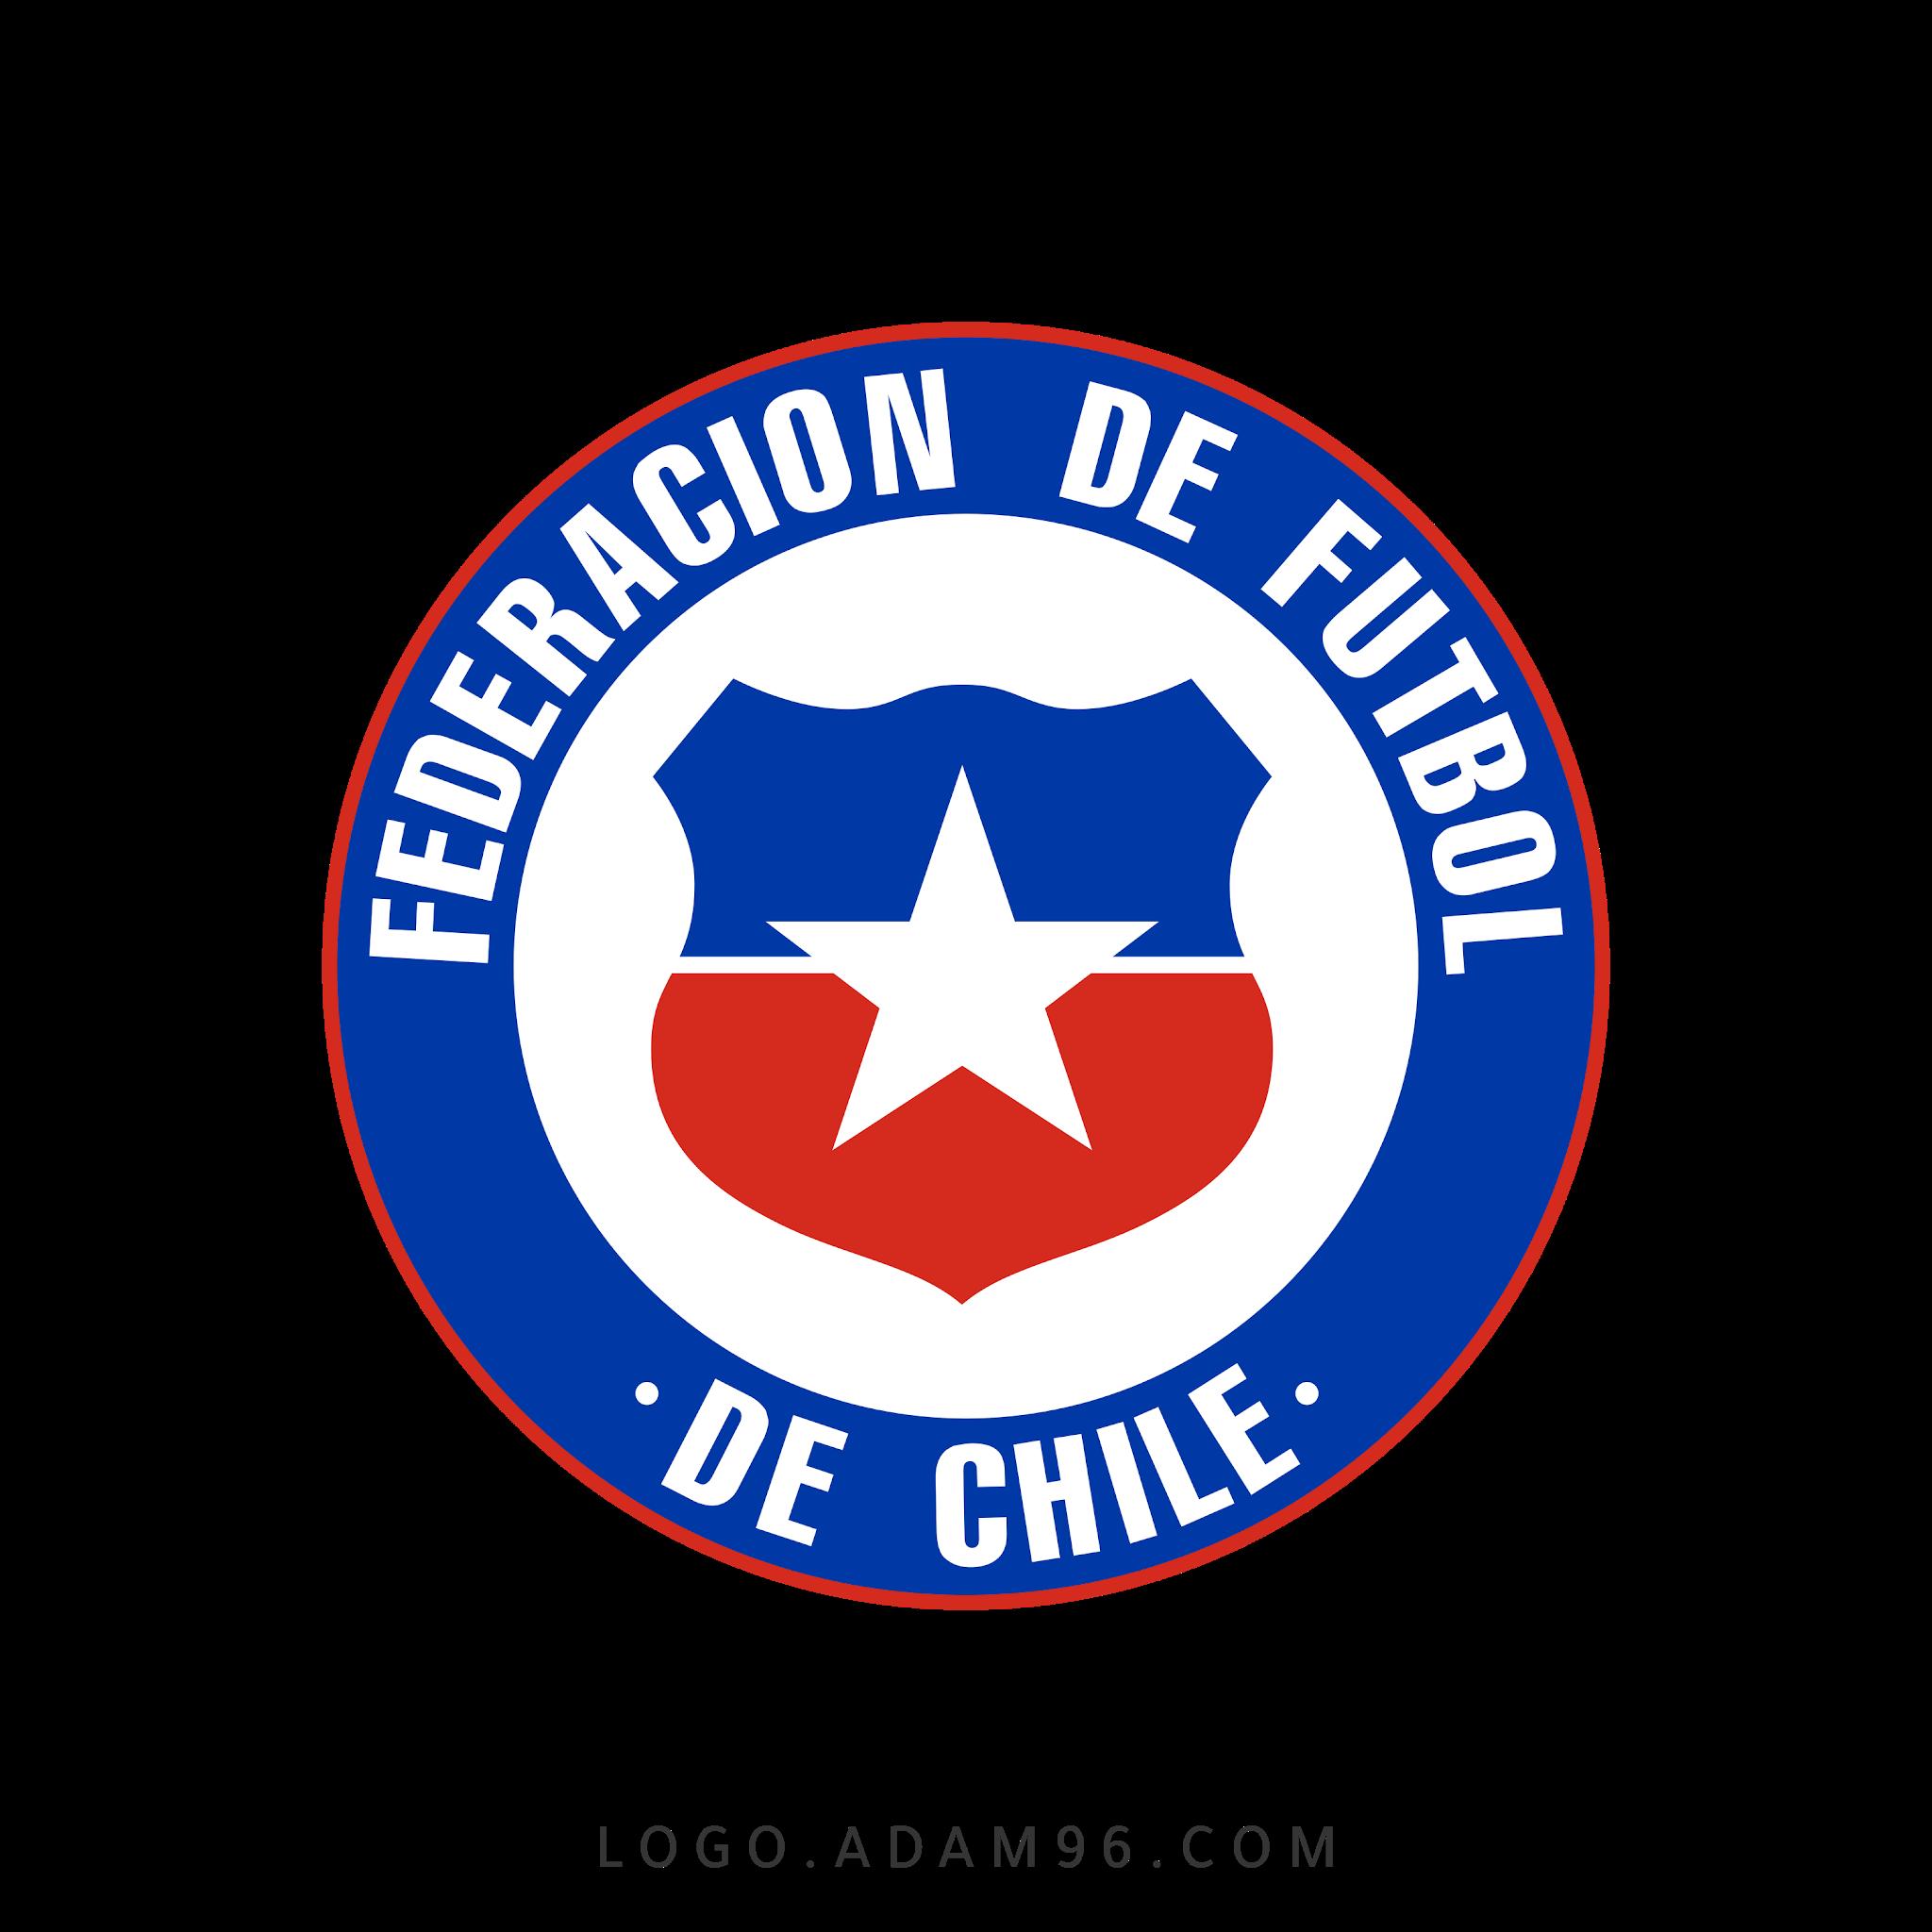 تحميل شعار منتخب تشيلي لكرة القدم لوجو رسمي عالي الدقة بصيغة شفافة PNG